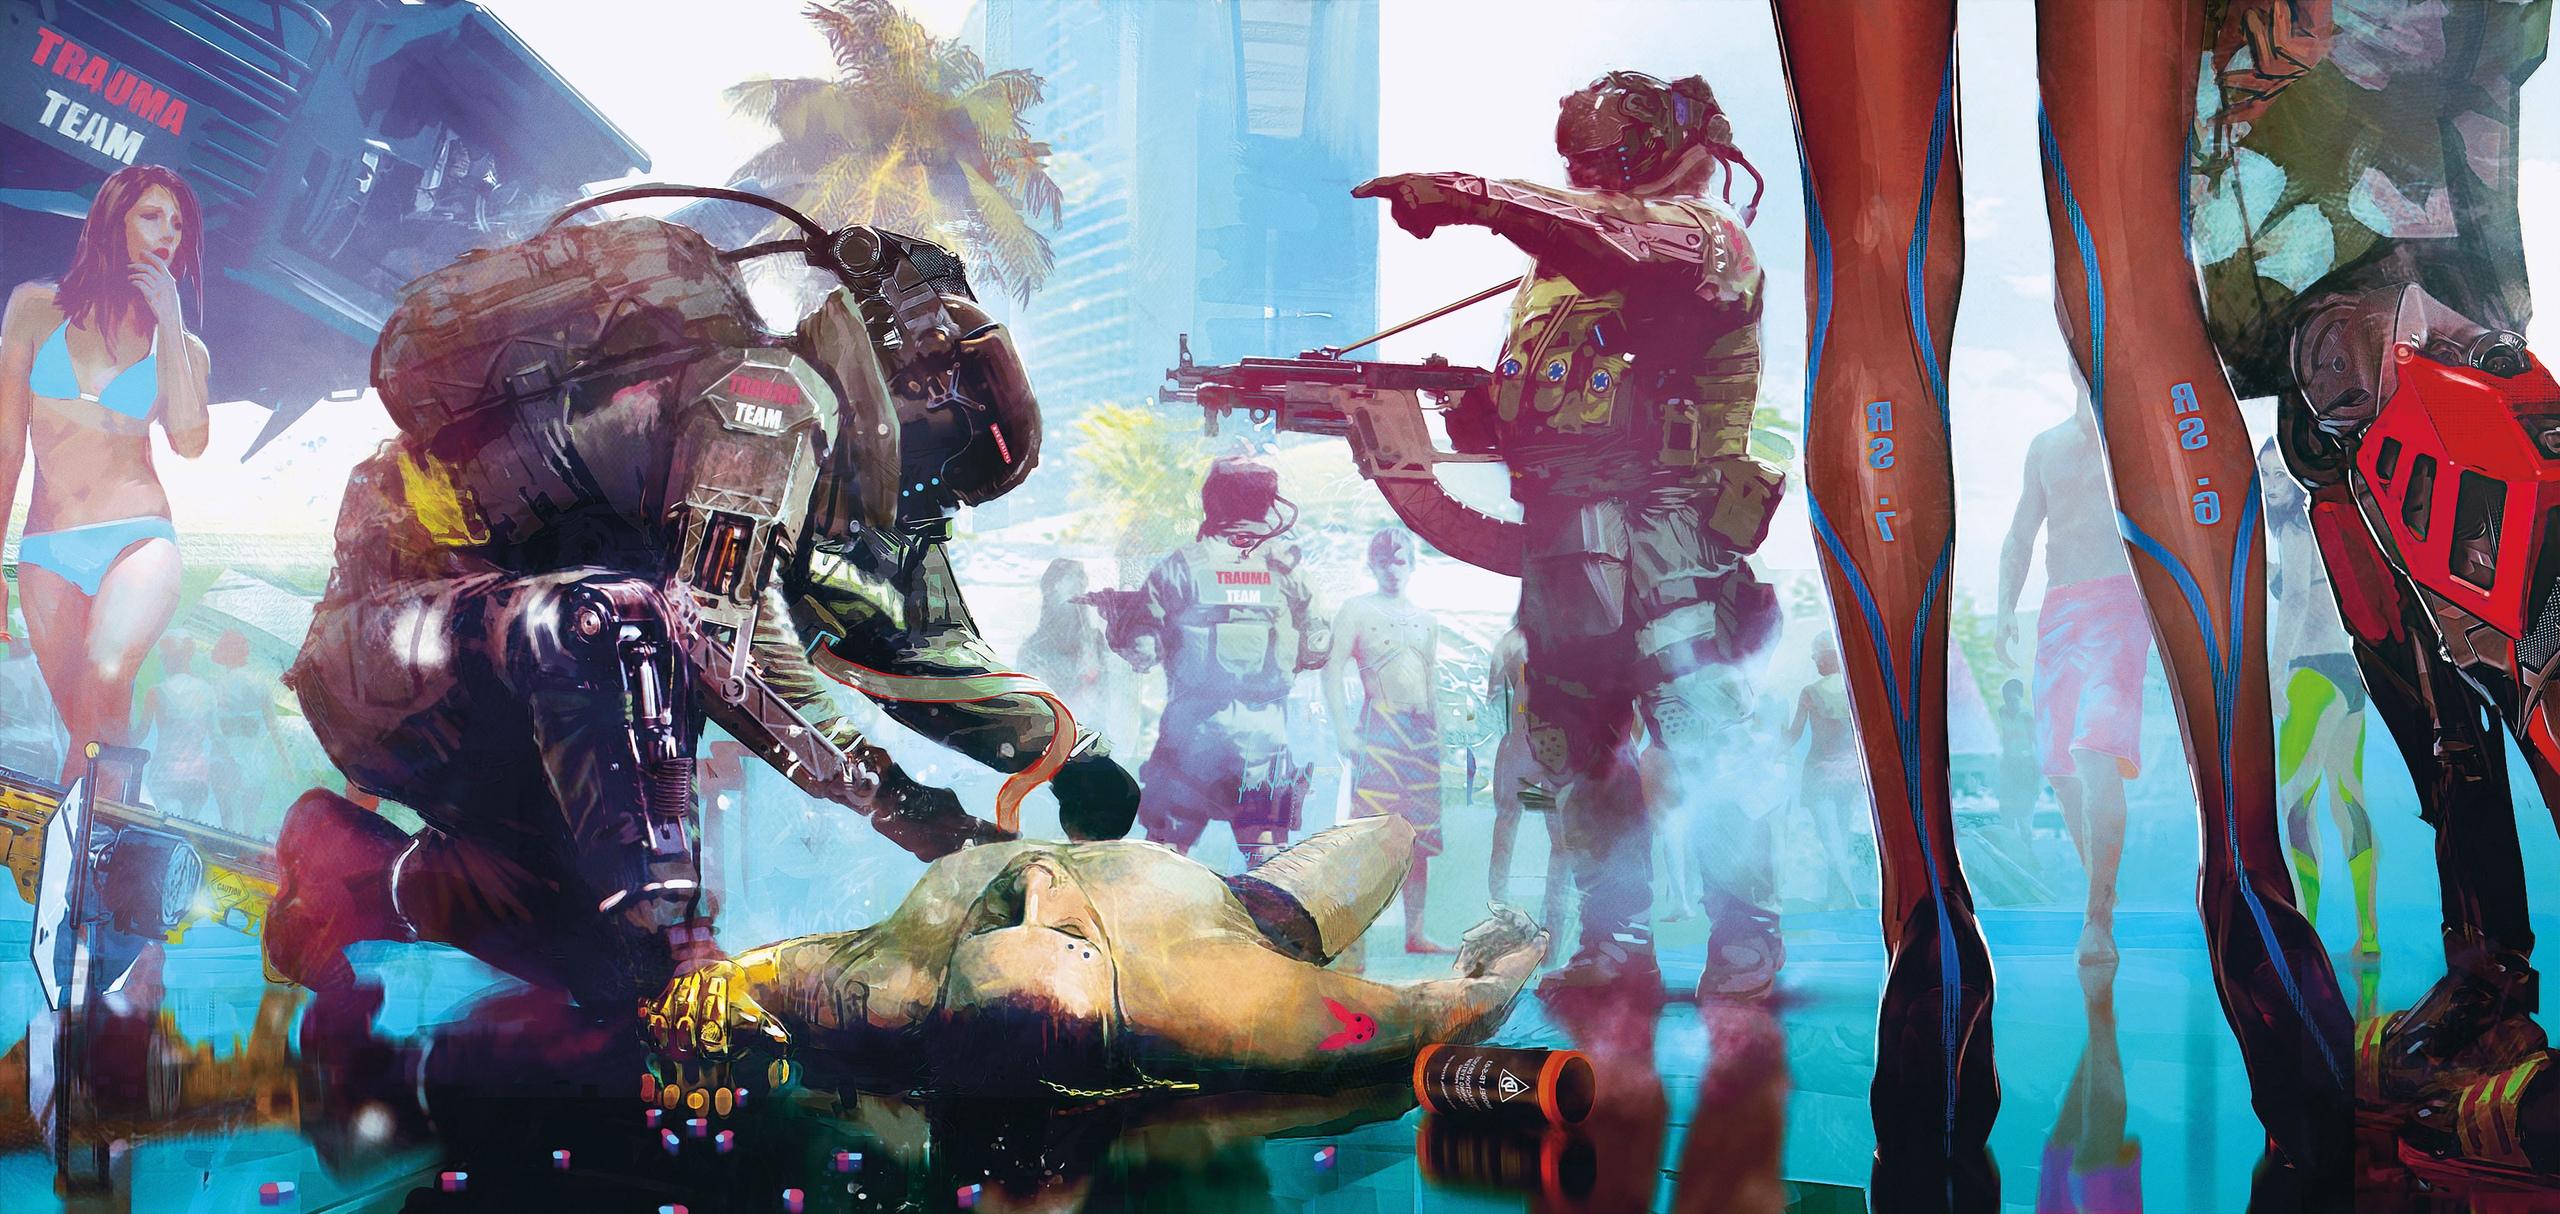 Art - Cyberpunk 2077 Арт